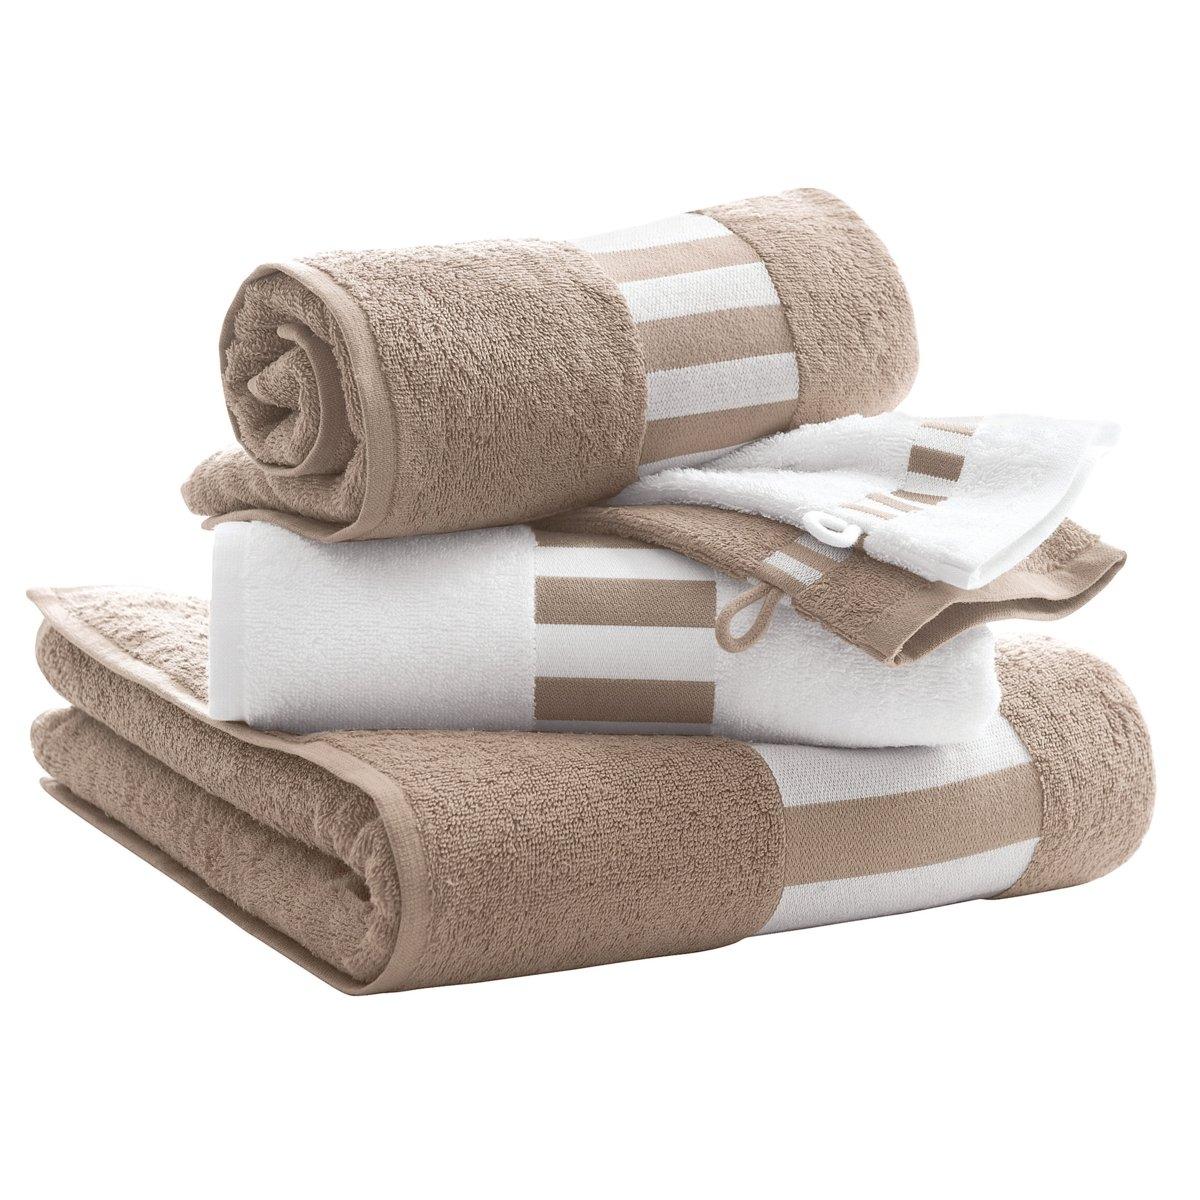 Комплект для ваннойКрасивый комплект в бело-бежевых и бело-зеленых тонах для стильной ванной. 1 однотонное банное полотенце 70 х 140 см + 2 полотенца в вертикальную полоску 50 х 100 см + 2 однотонные банные рукавички 15 х 21 см. Прочная махровая ткань, 100% хлопка, 420 г/м?. Кайма в полоску. Долго остаются мягкими. Превосходная стойкость цвета при стирке (60°). Машинная сушка.<br><br>Цвет: серо-бежевый<br>Размер: единый размер